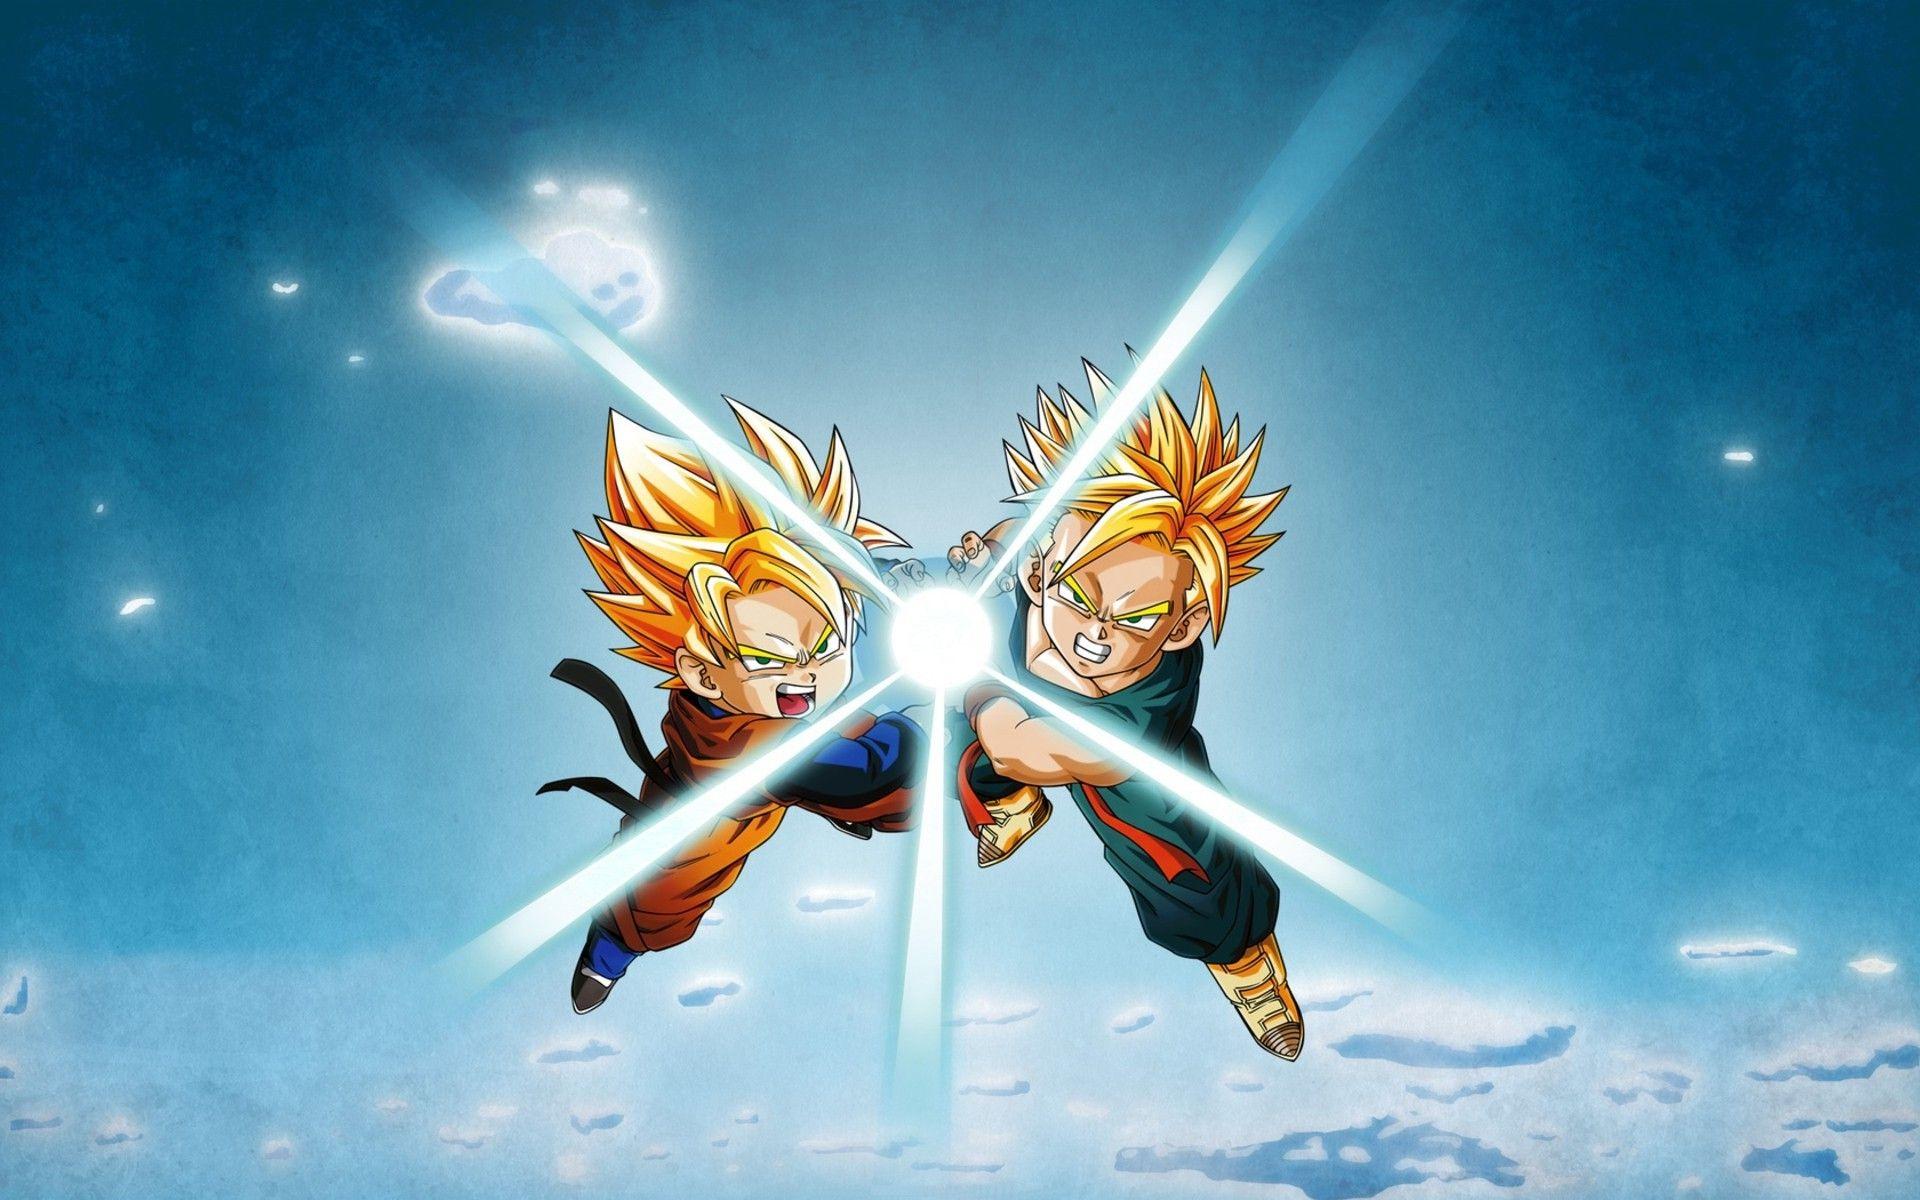 Dragon Ball Dragon Ball Z Son Goten Trunks Character - Goten Trunks , HD Wallpaper & Backgrounds